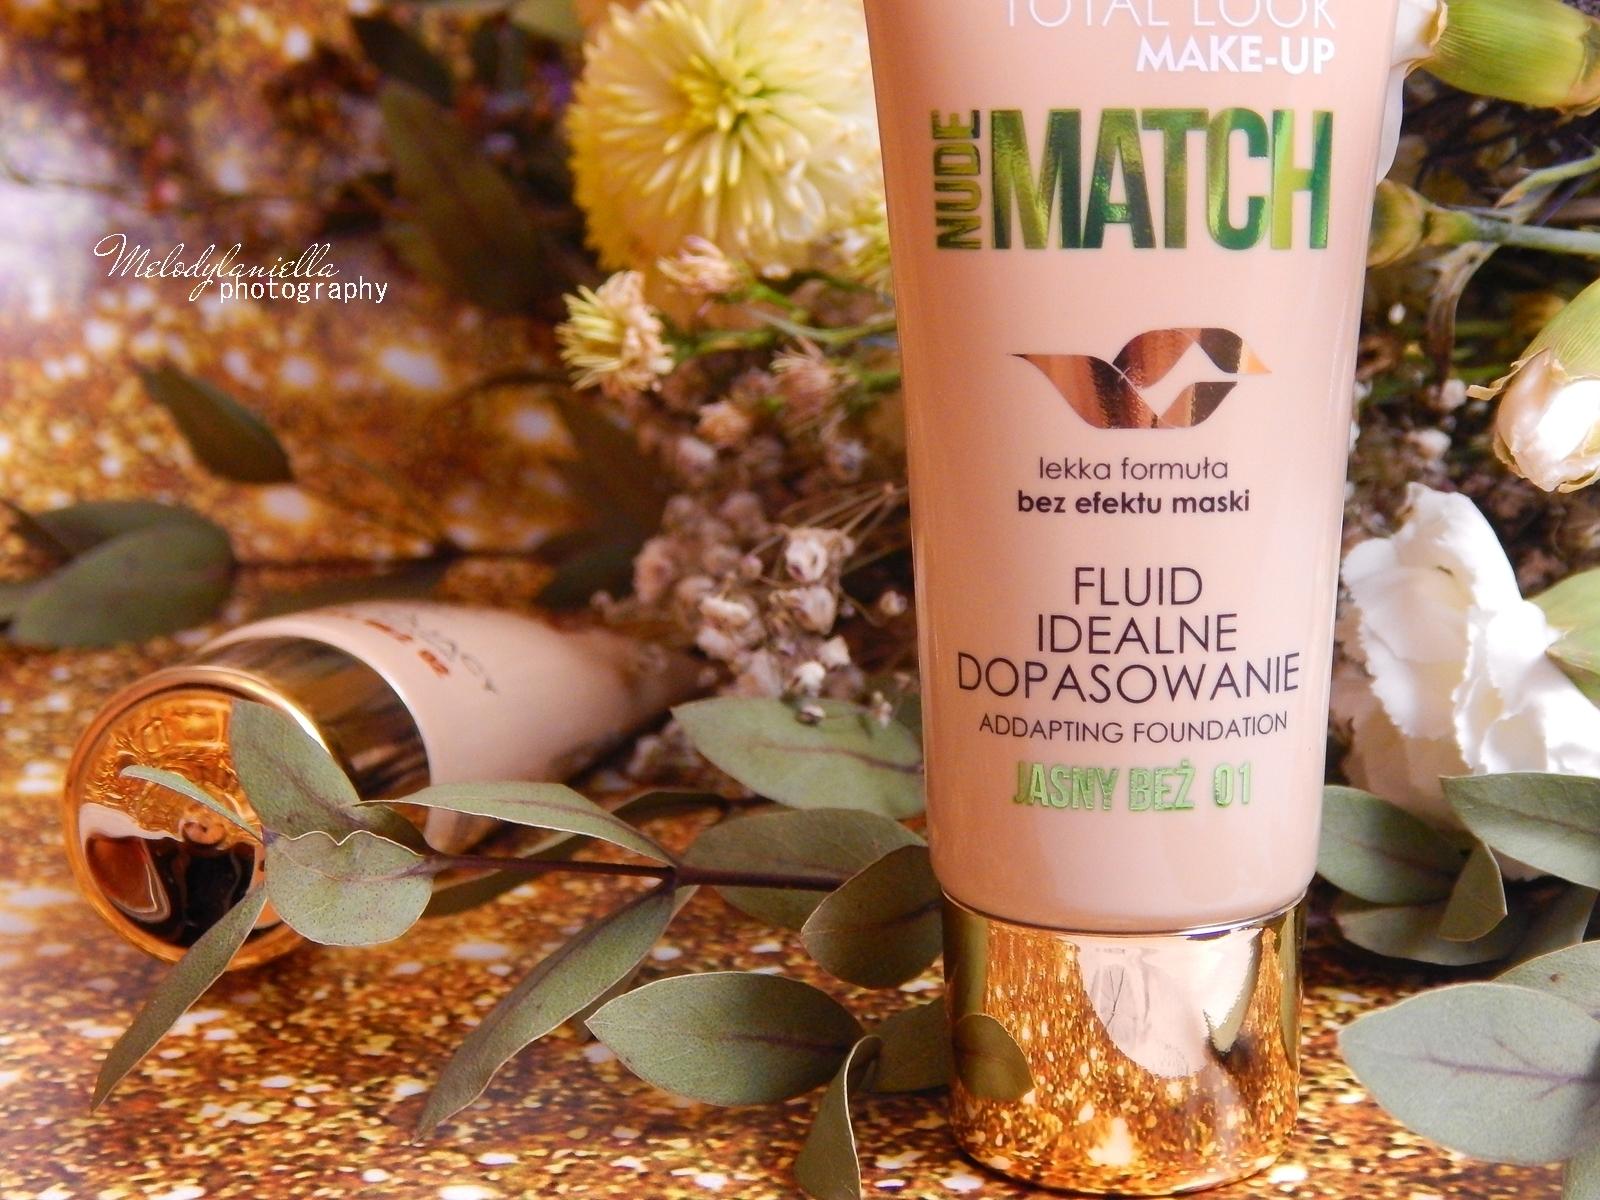 5 BIELENDA NUDE MATCH FLUID recenzja podkładu melodylaniella jak dobrać odpowiedni podkład do swojej skóry idealne dopasowanie fluidu